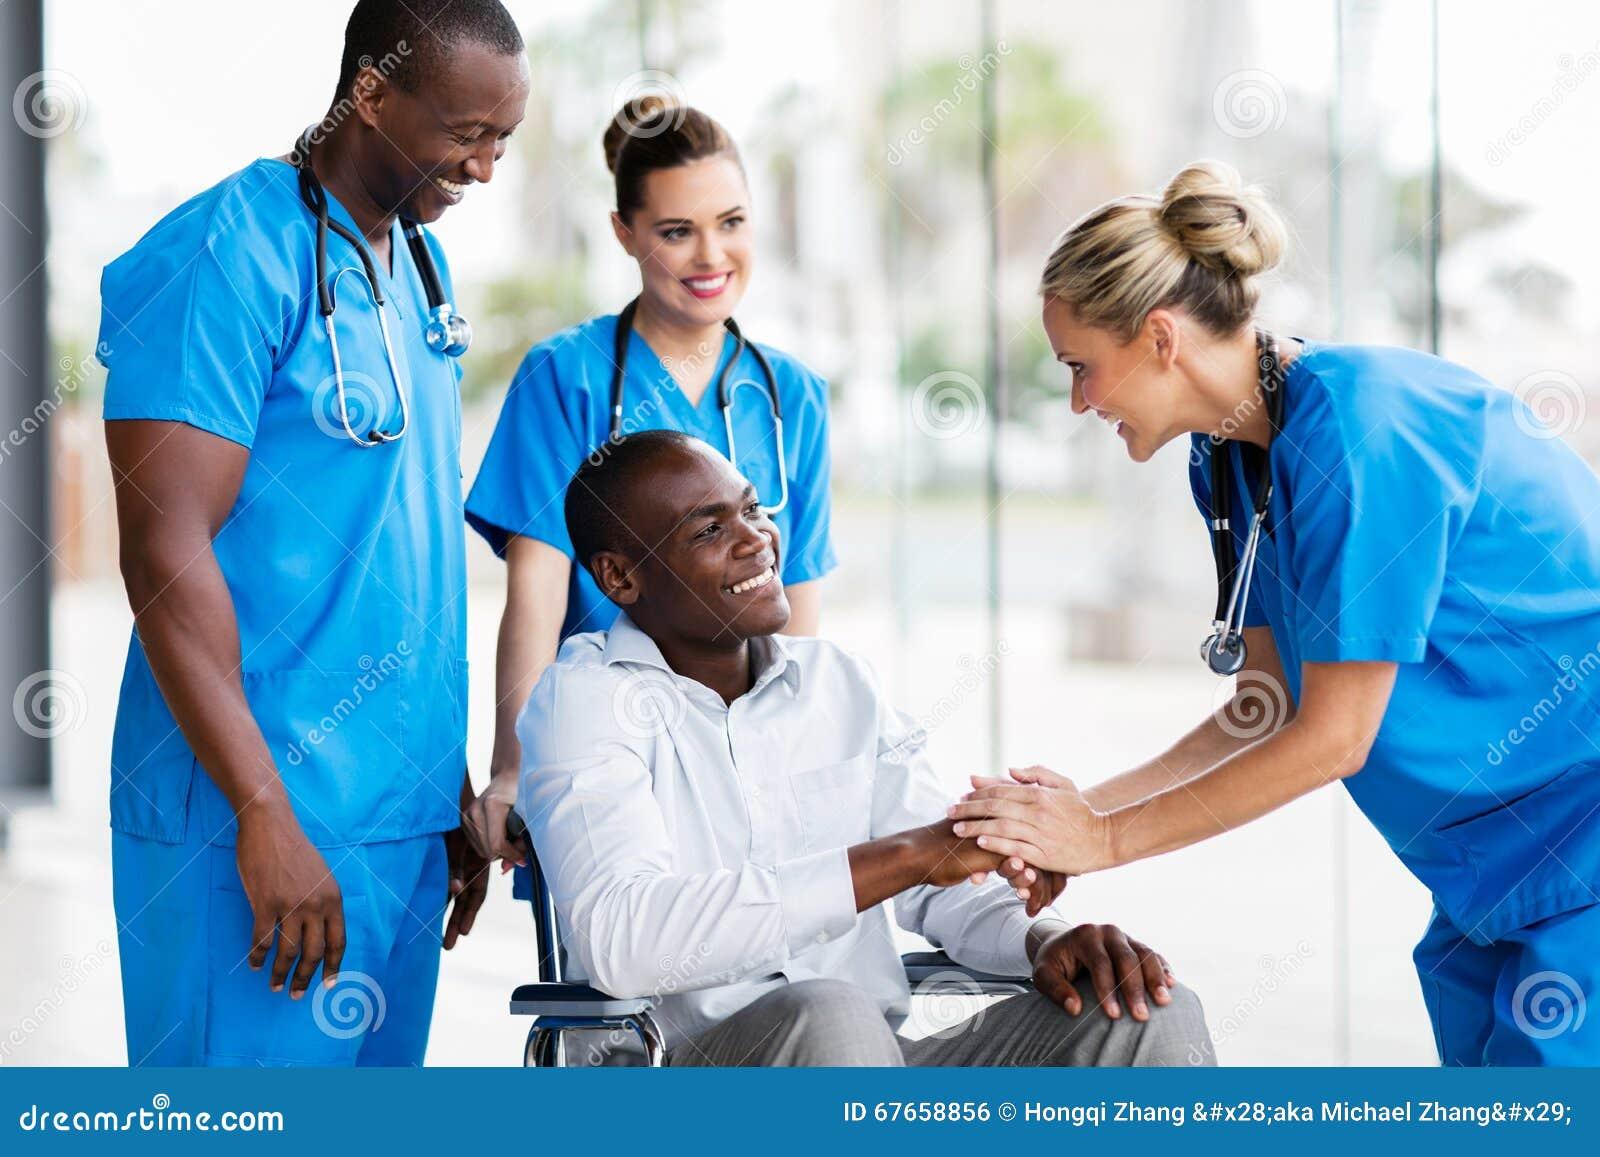 Доктор приветствуя выведенного из строя пациента